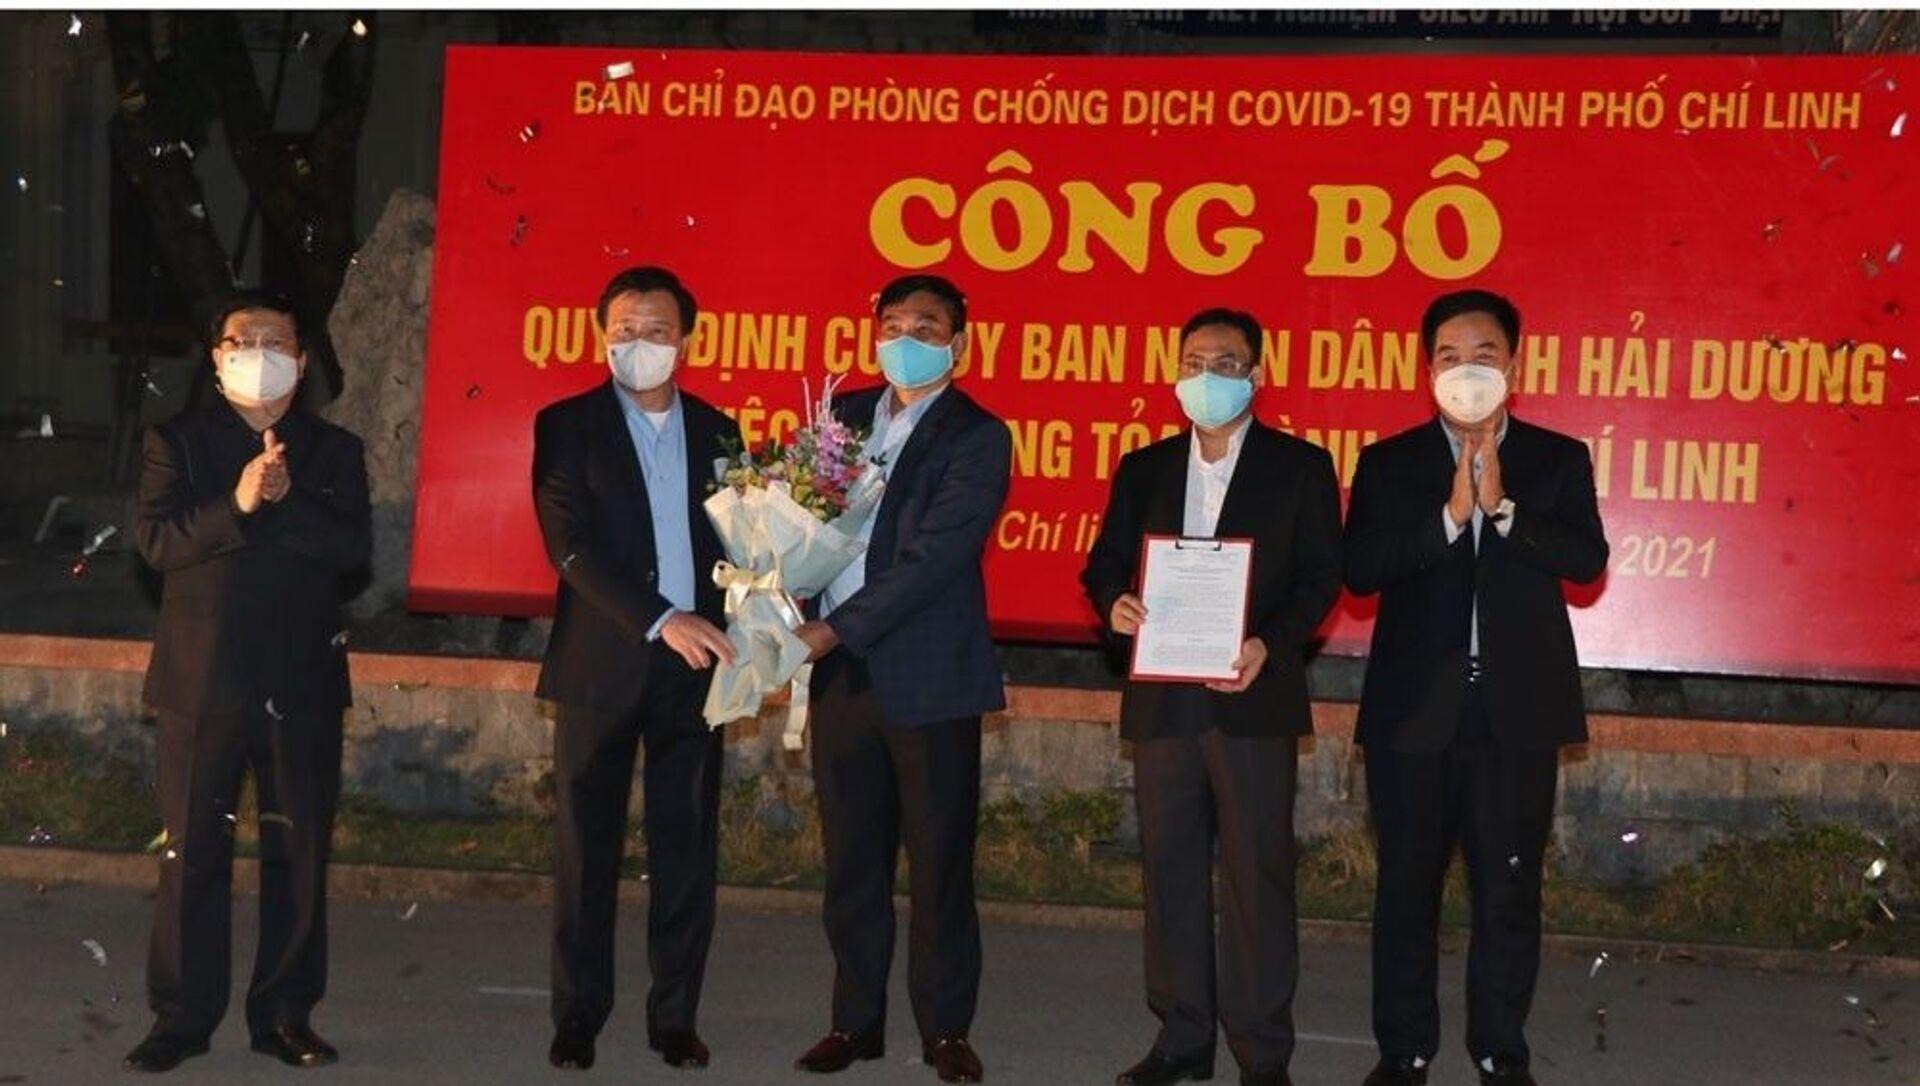 Lãnh đạo tỉnh Hải Dương trao quyết định của Ủy ban Nhân dân tỉnh về gỡ bỏ phong tỏa thành phố Chí Linh. - Sputnik Việt Nam, 1920, 03.03.2021